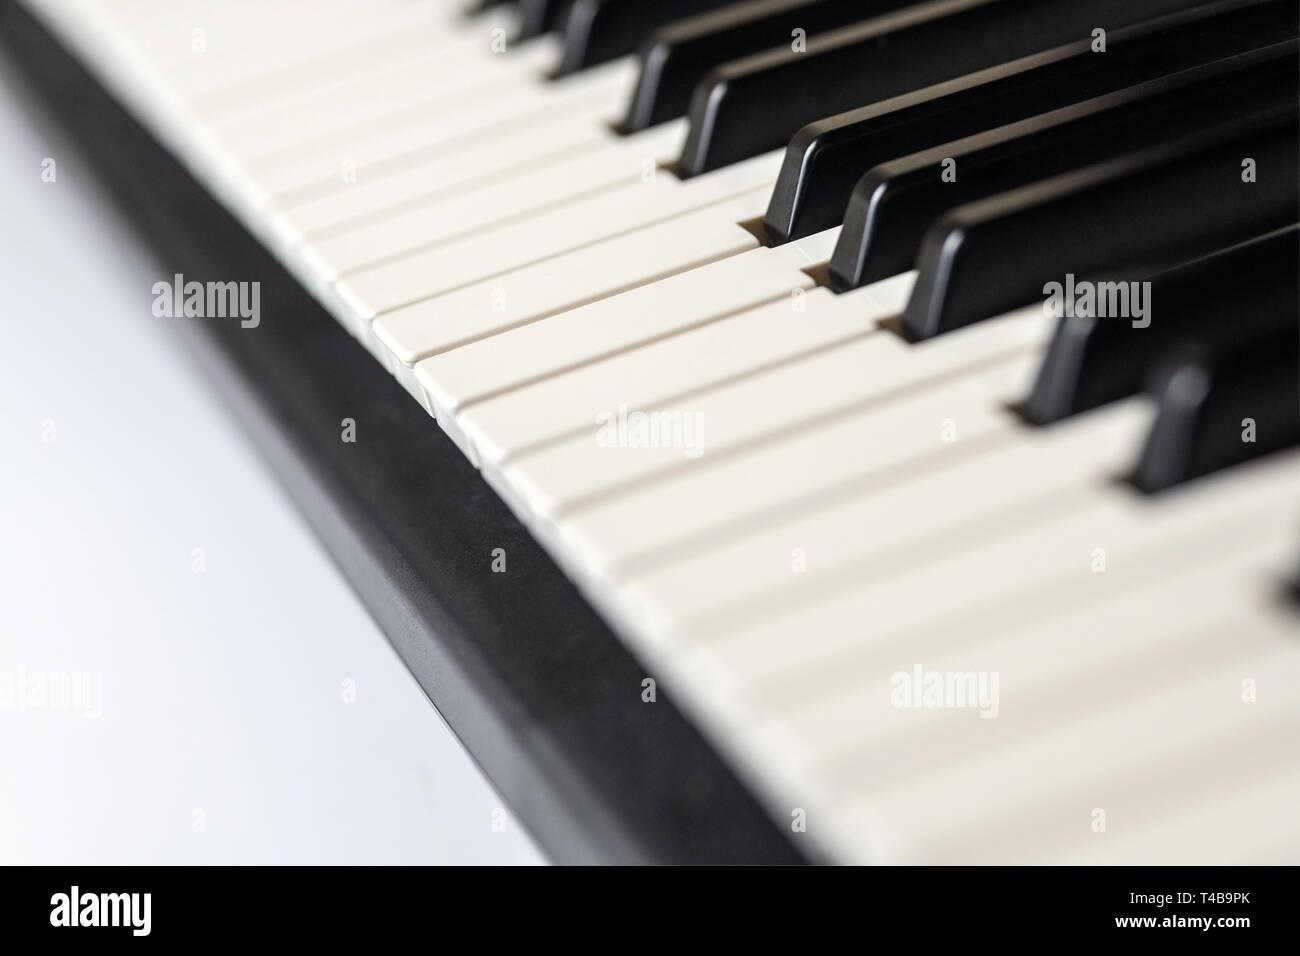 Synthesizer Keyboard Stock Photos & Synthesizer Keyboard